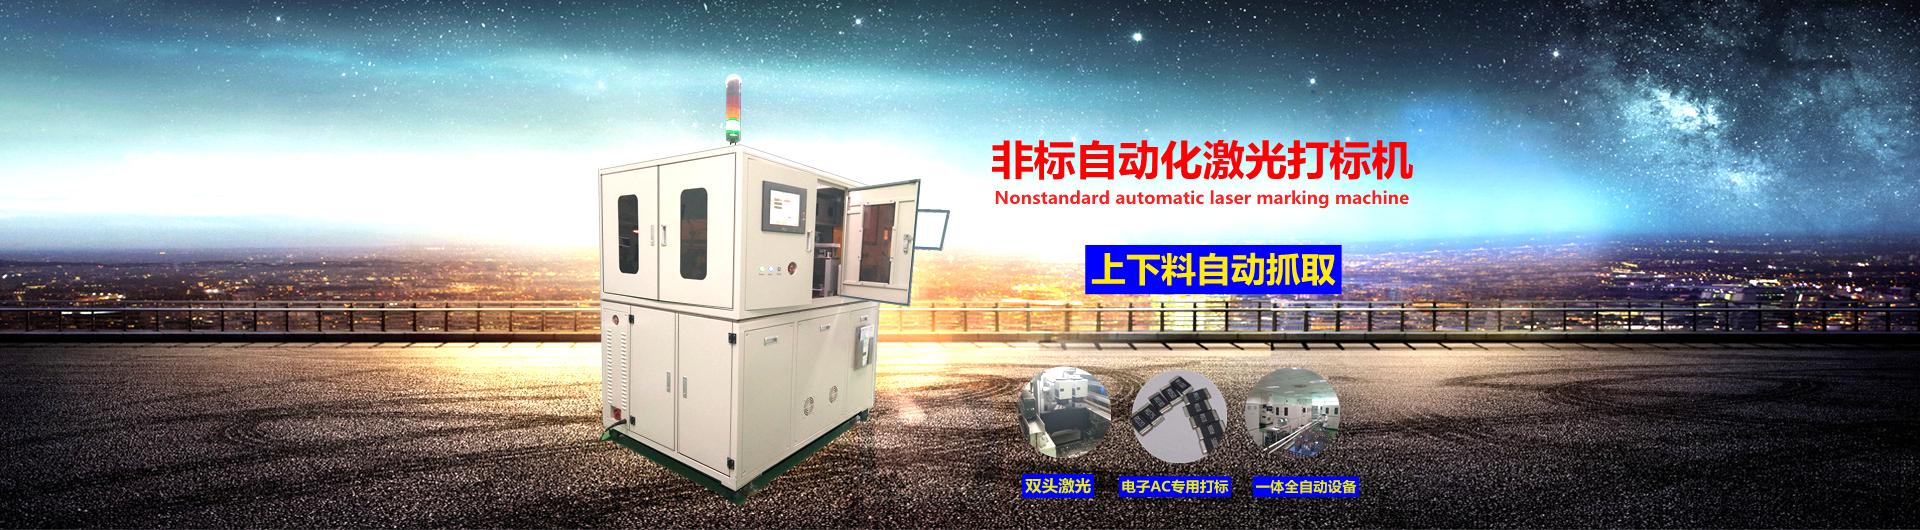 非标自动化激光da标机